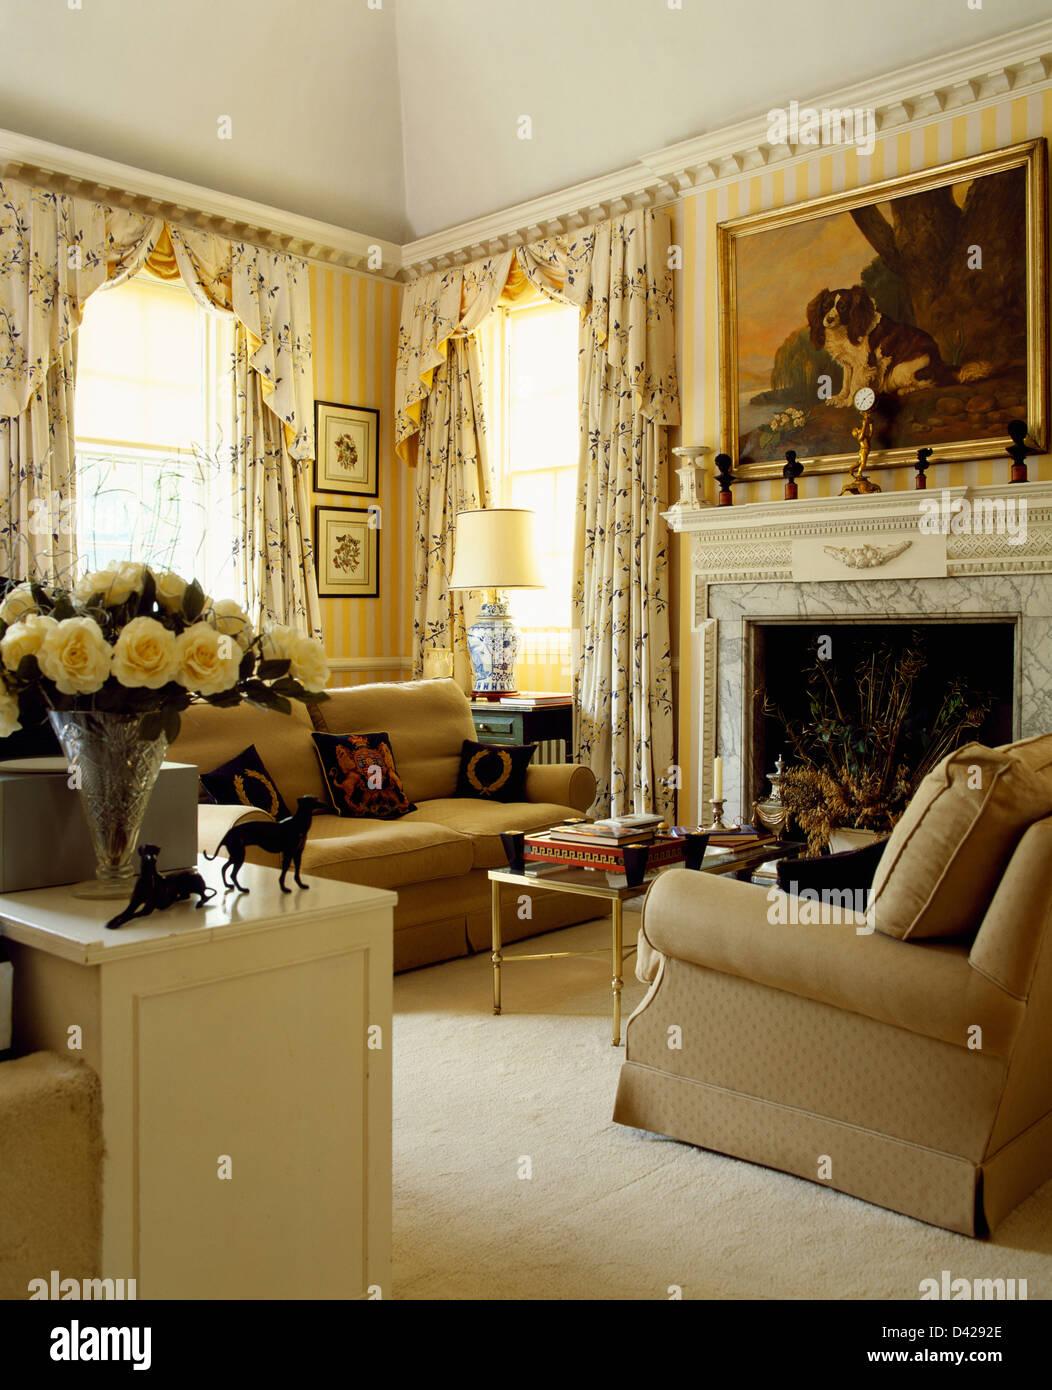 Beige Sofas und Sahne Teppich in gelben Land Wohnzimmer mit floral ...